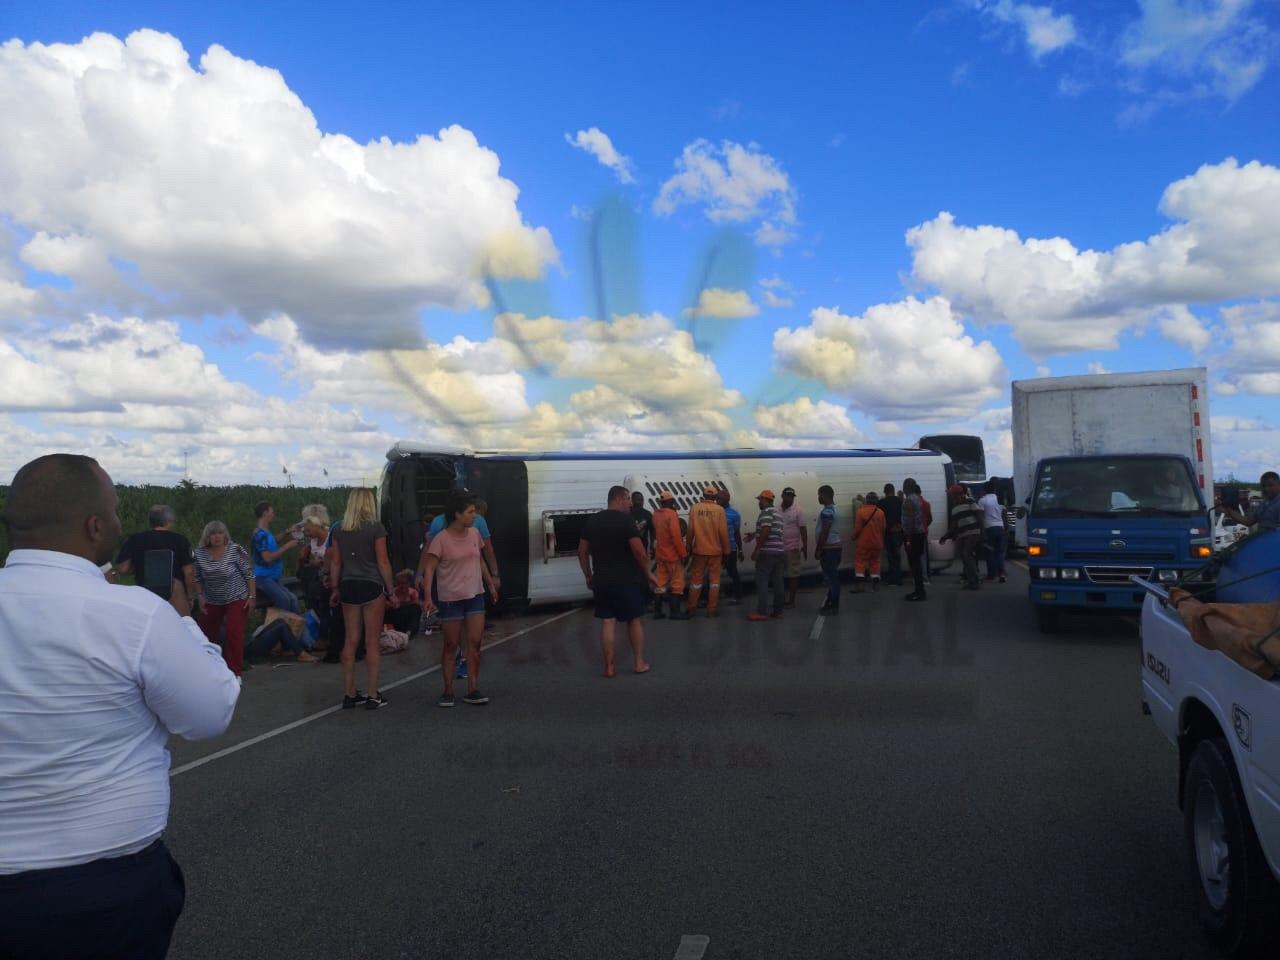 В Доминикане разбился автобус с русскими туристами - ранены взрослые и дети